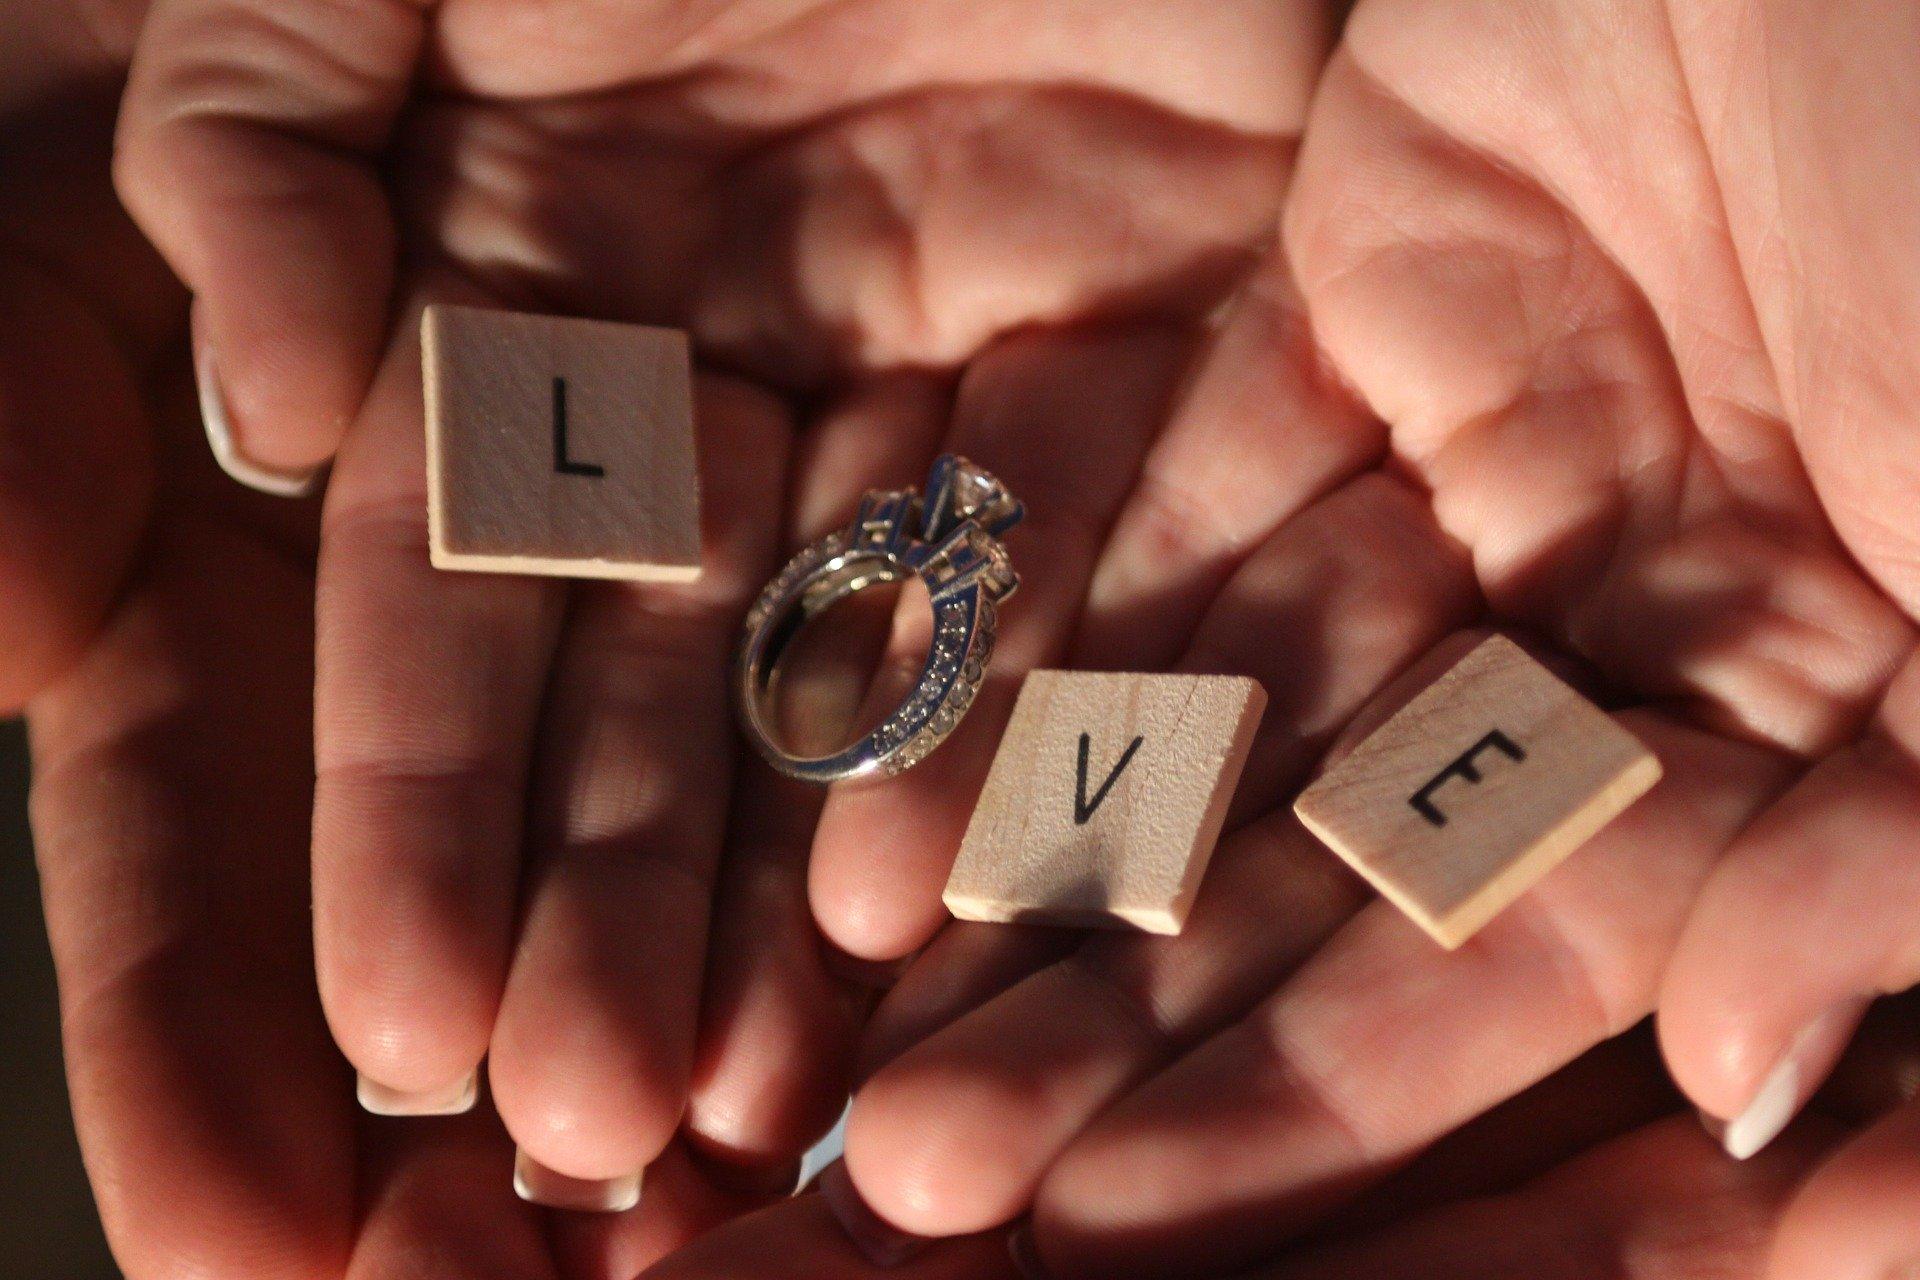 מאורסים ומאורסות: הצ'קליסט המושלם לחתונה!